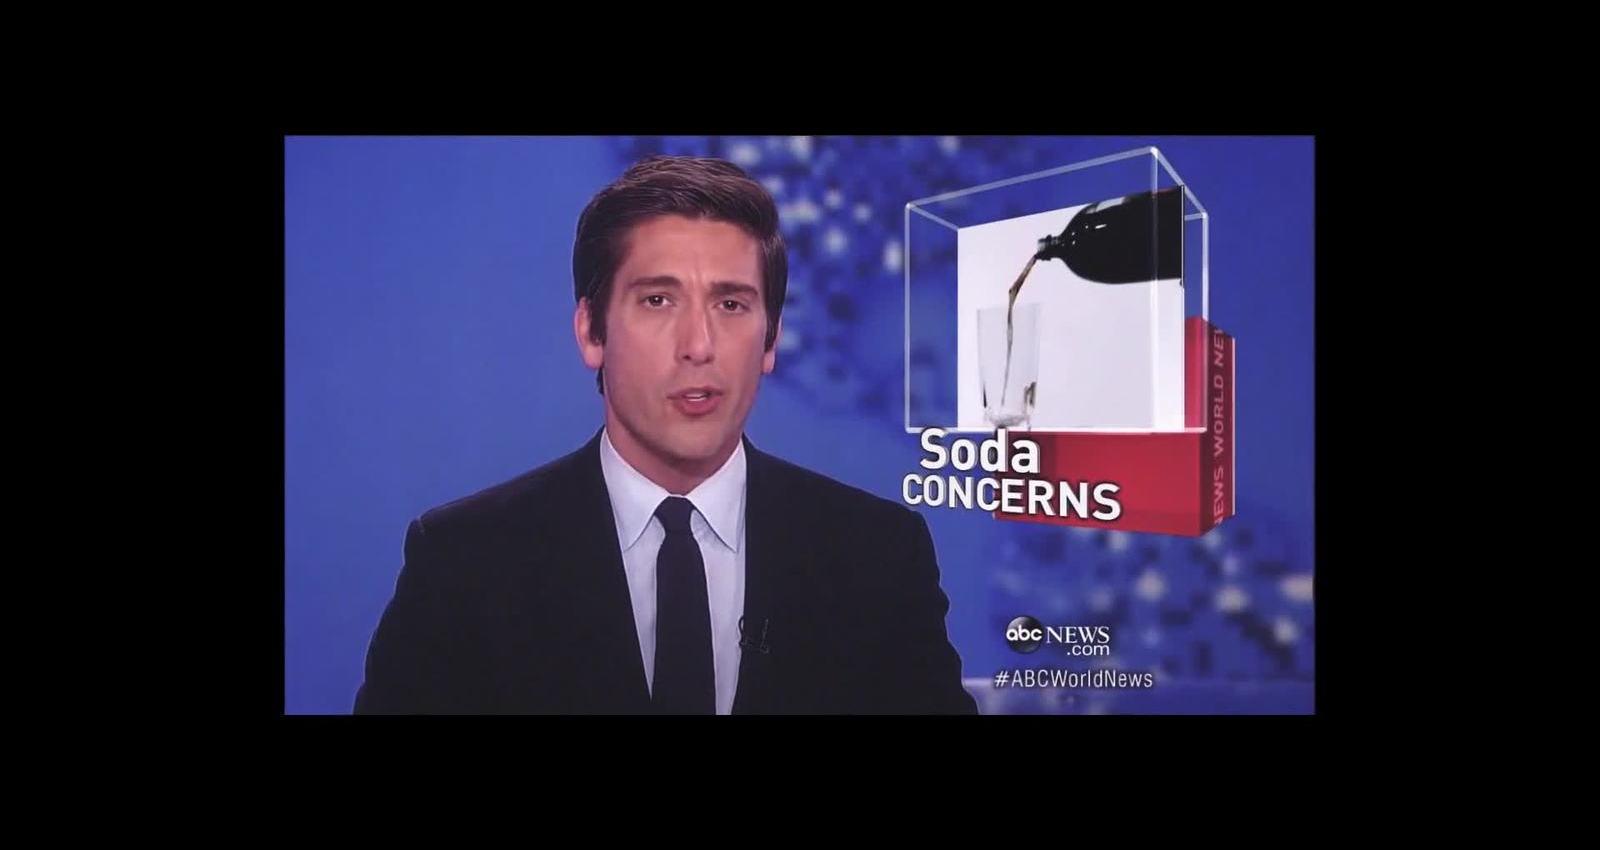 United Sodas of America